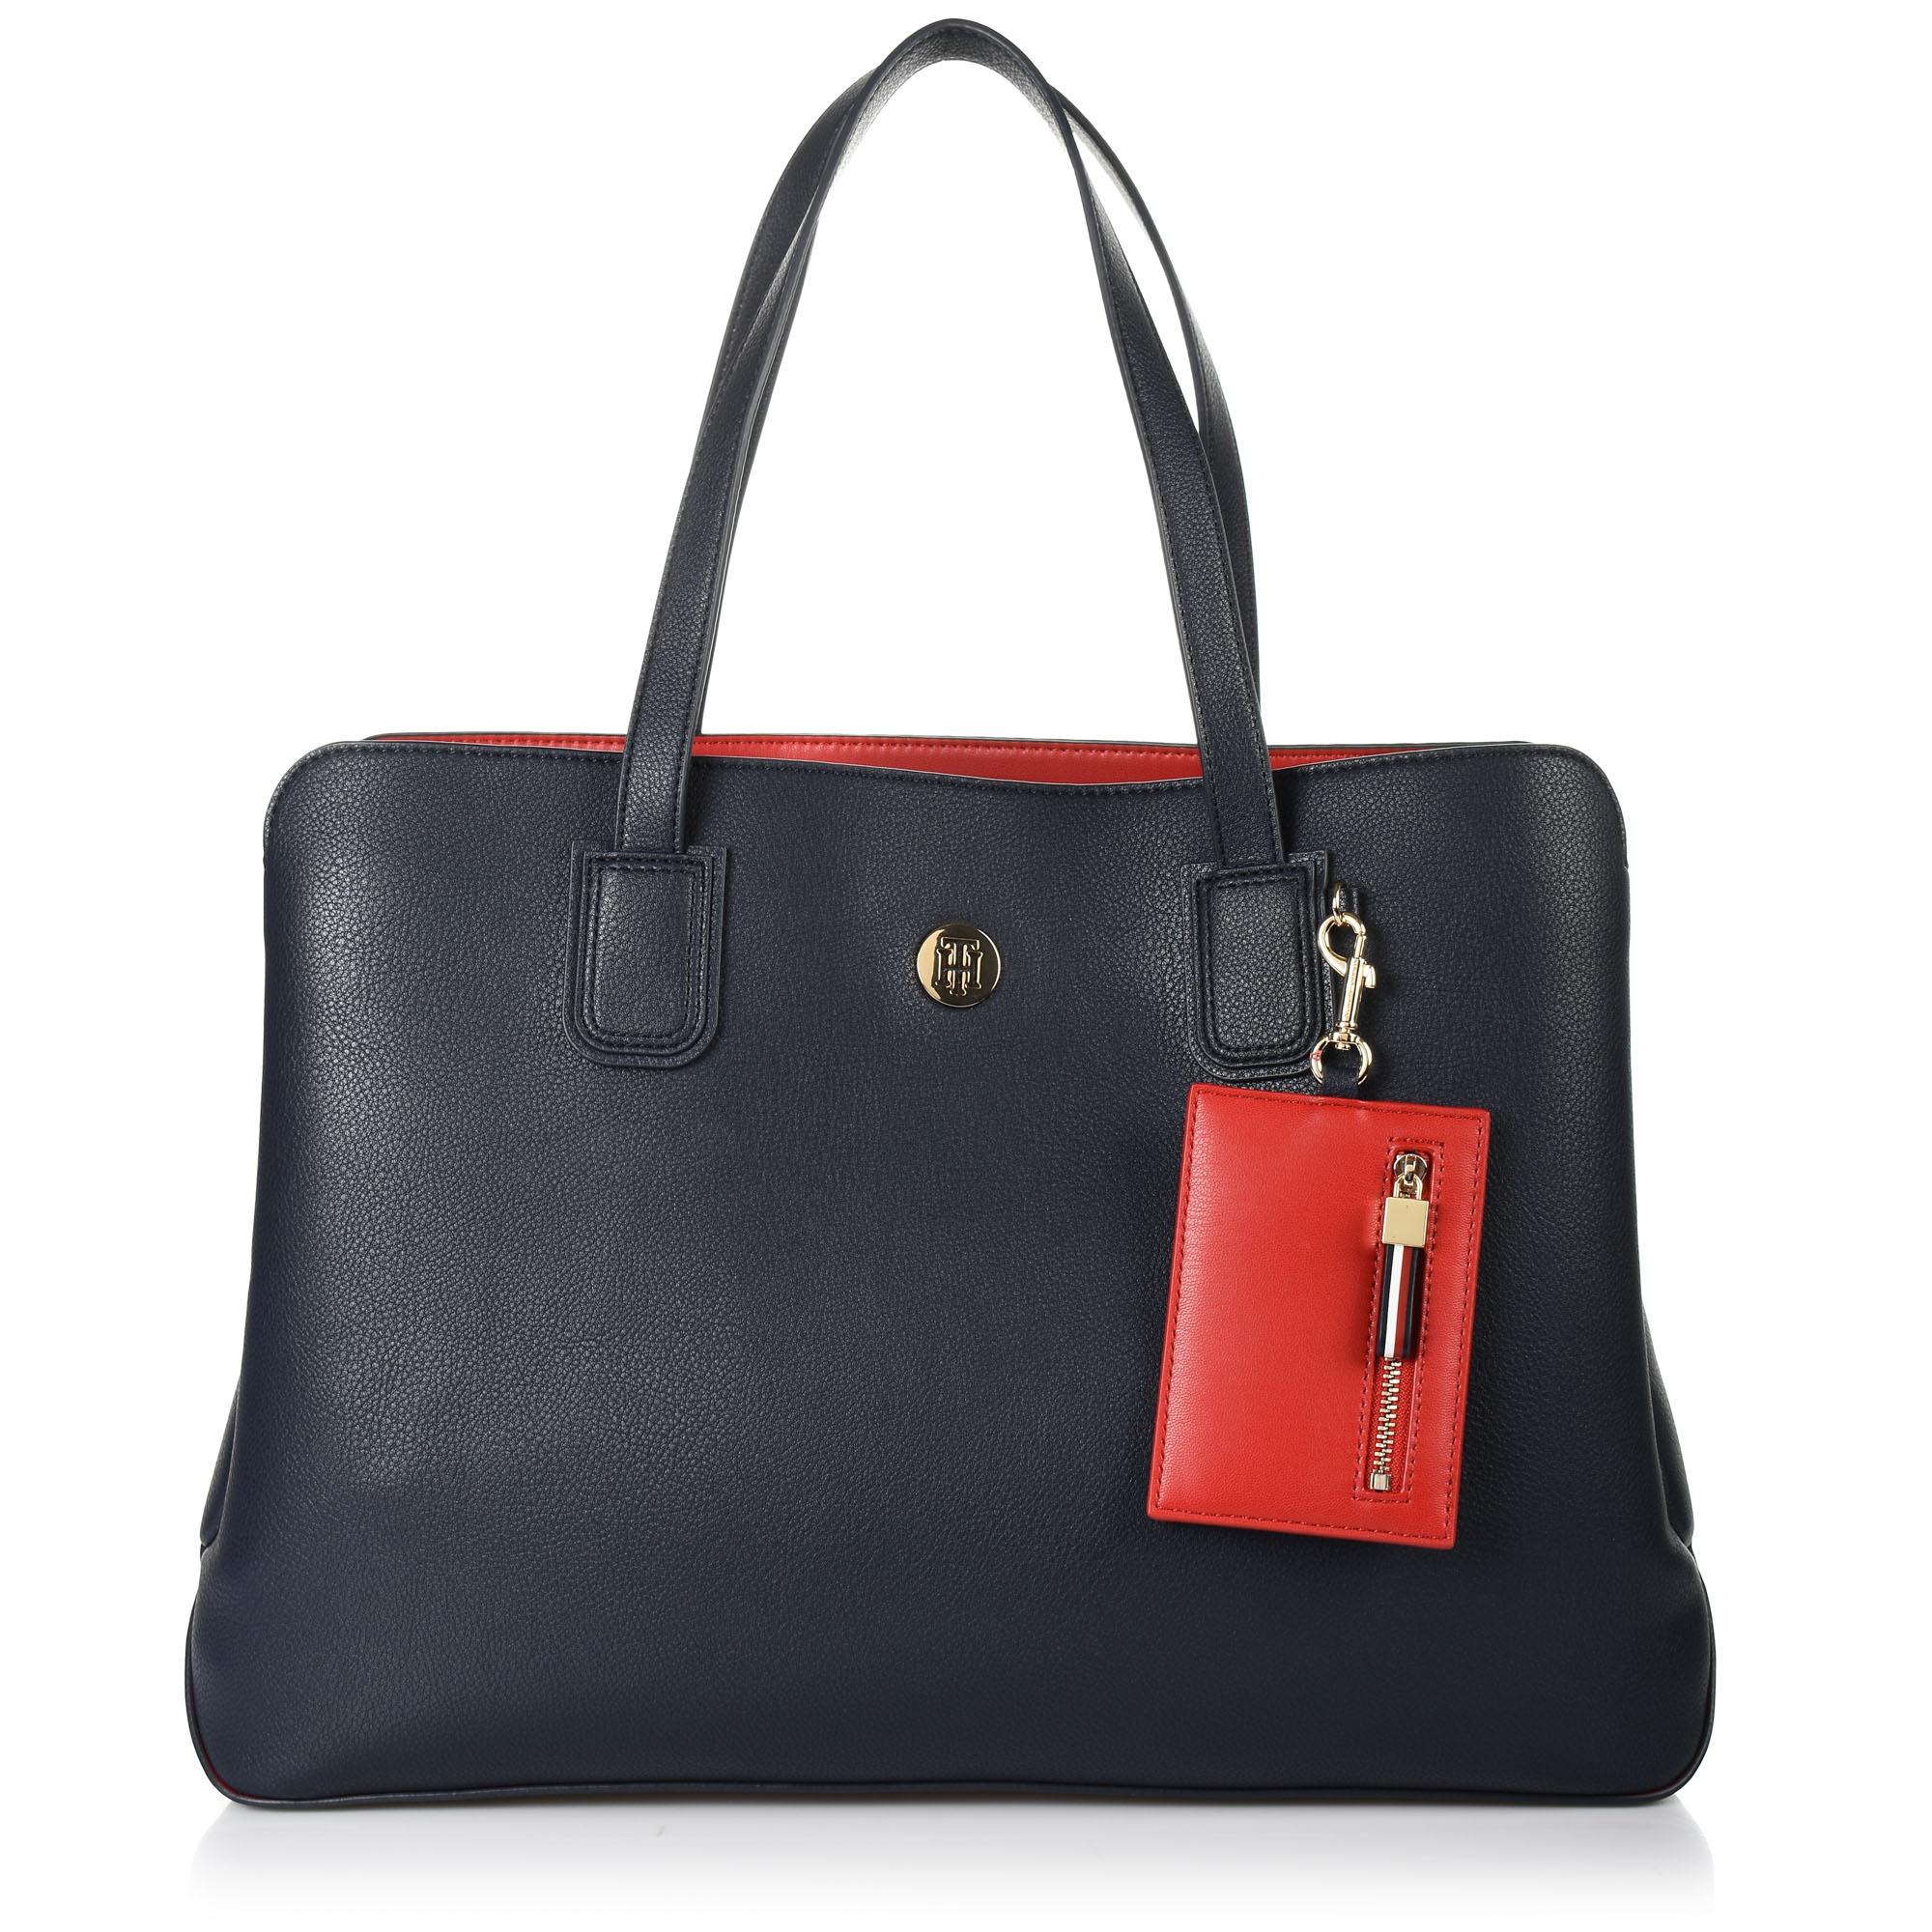 Τσάντα Ώμου Tommy Hilfiger Charming Tommy Work Bag AW0AW07312